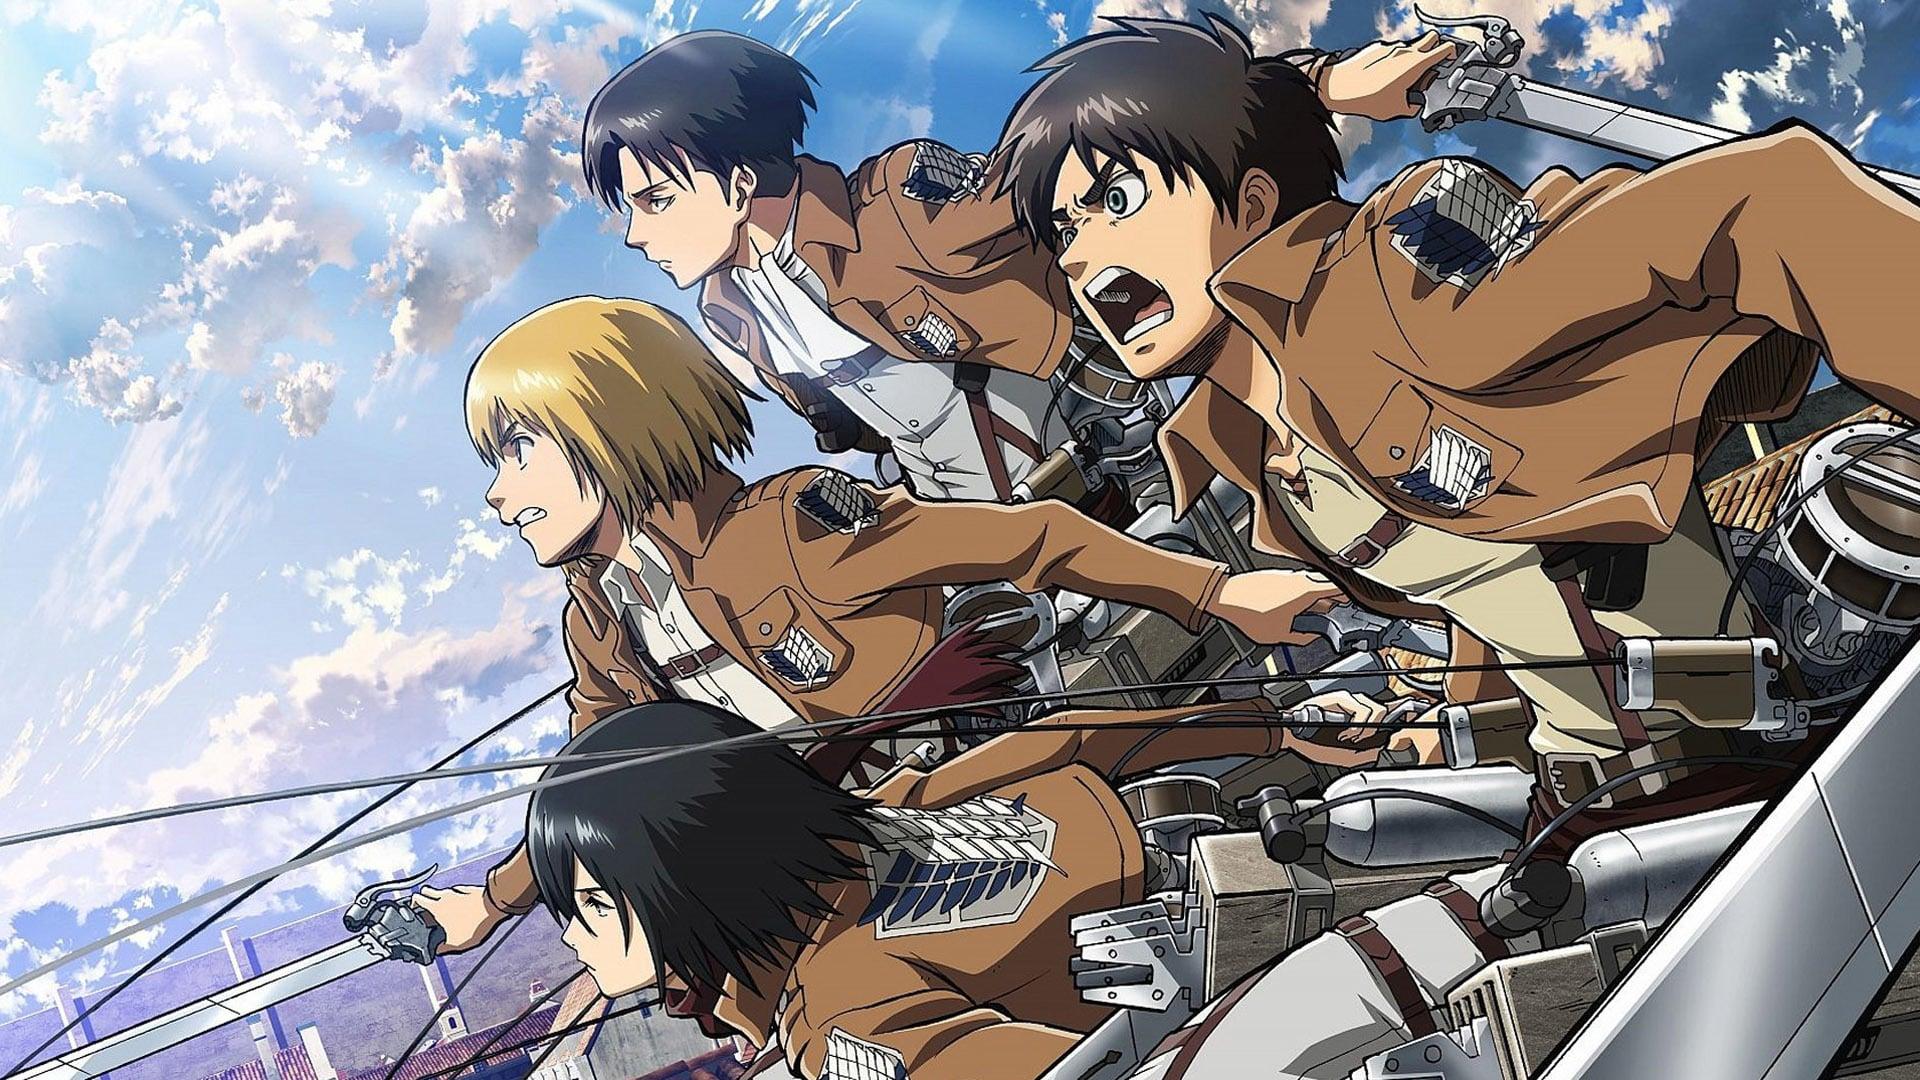 Shingeki no kyojin - Attack on Titan Season 1